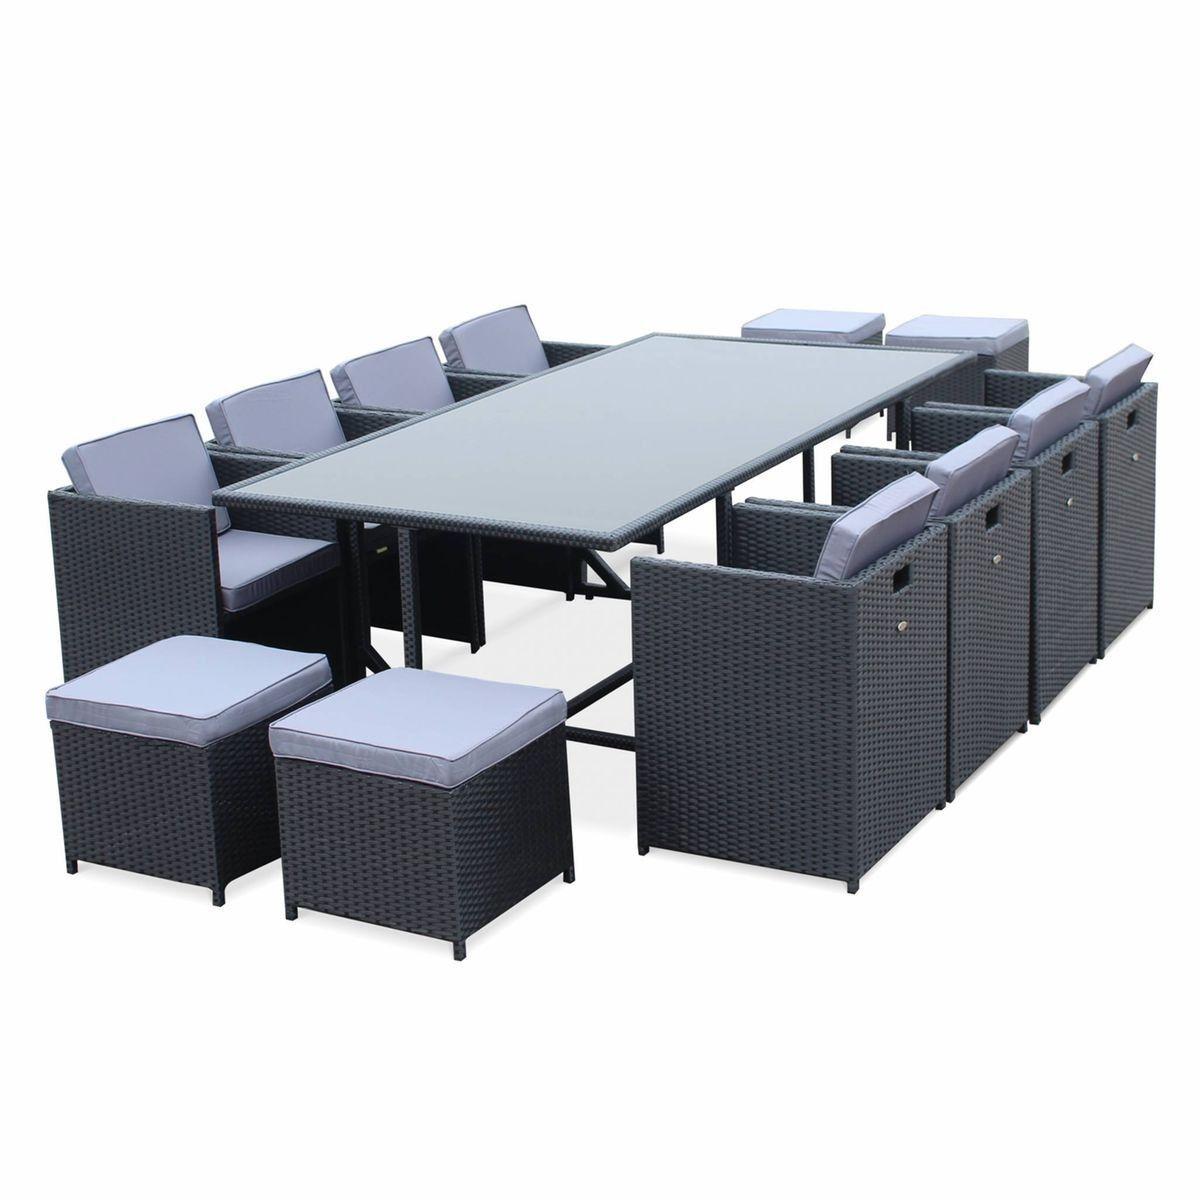 Salon De Jardin Vasto Noir Table En Résine Tressée 8 À 12 ... destiné Table De Jardin Auchan